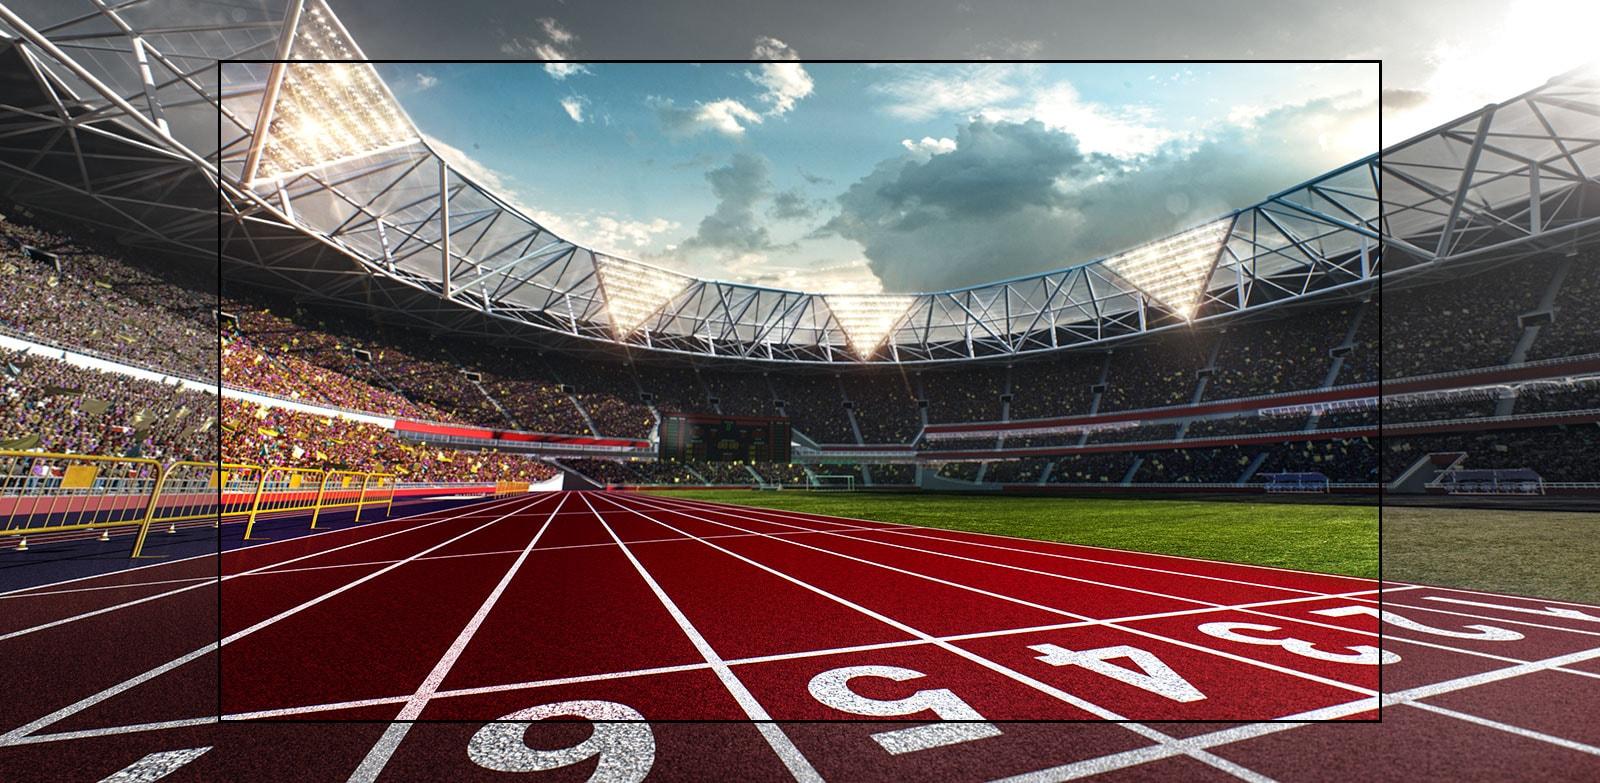 Οθόνη τηλεόρασης που δείχνει ένα γεμάτο με θεατές γήπεδο και τον διάδρομο στίβου σε κοντινή λήψη.